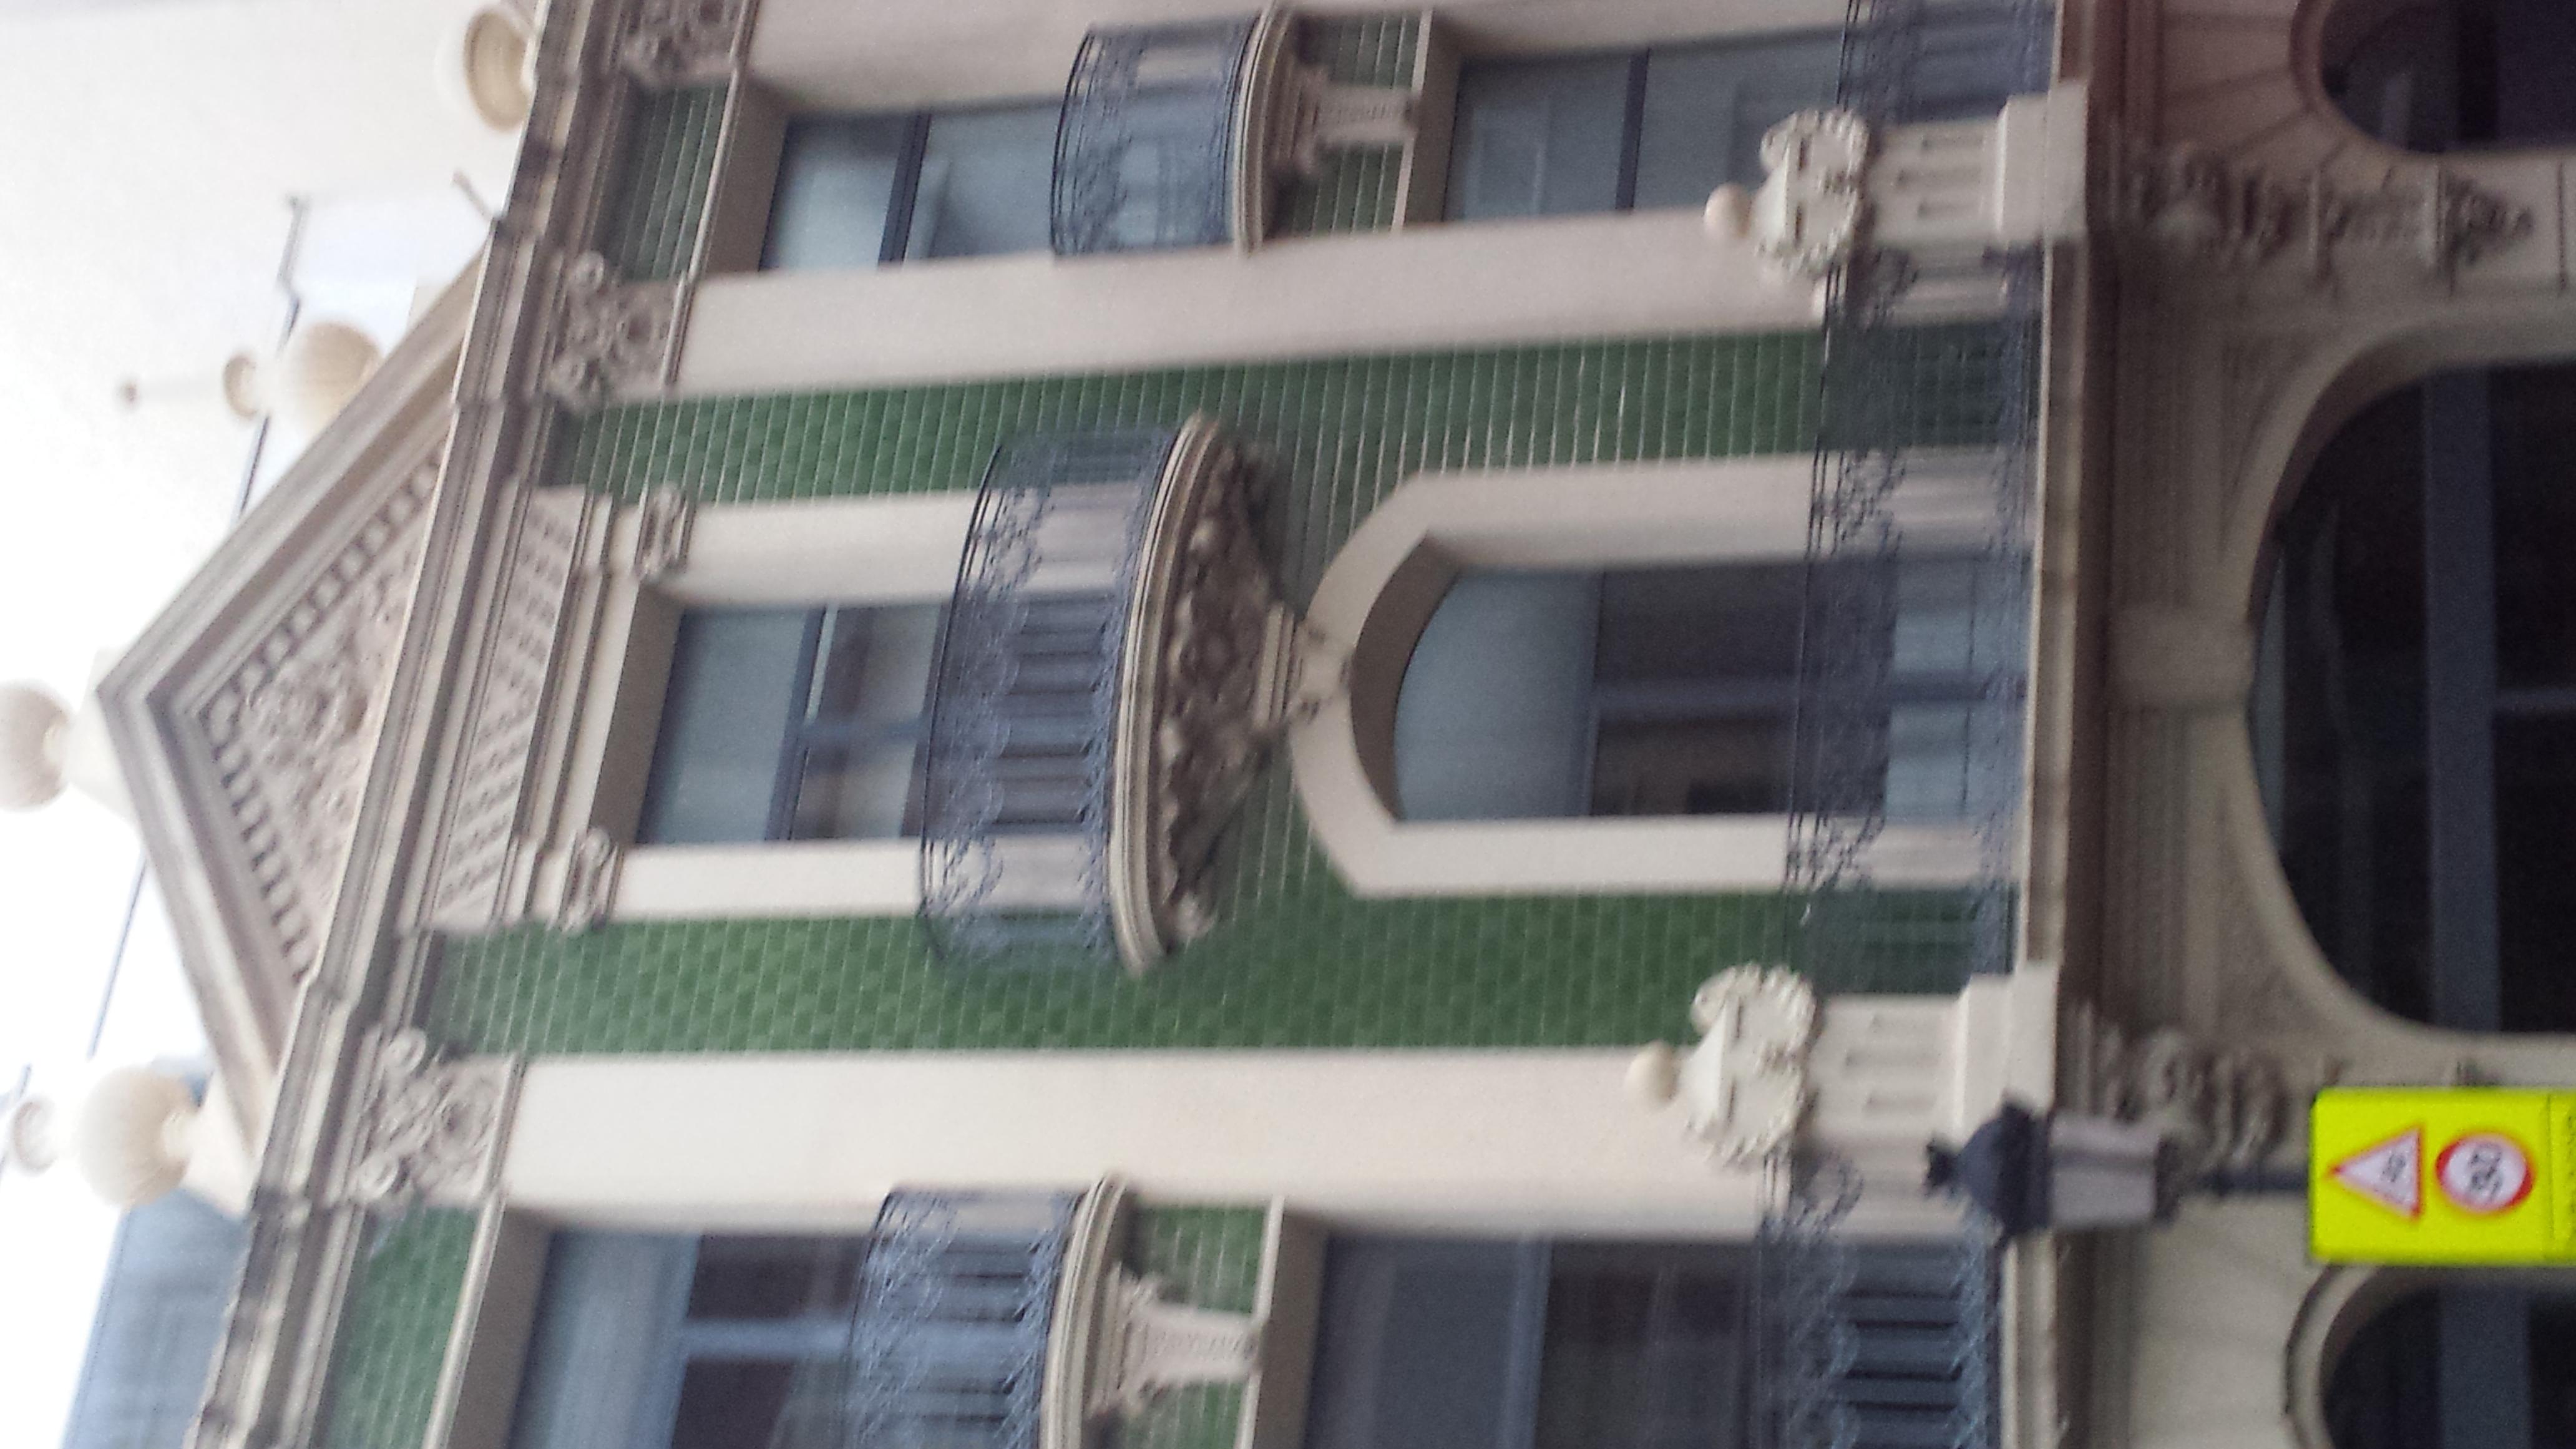 Colegio de arquitectos albacete wikiwand - Colegio de arquitectos de lleida ...